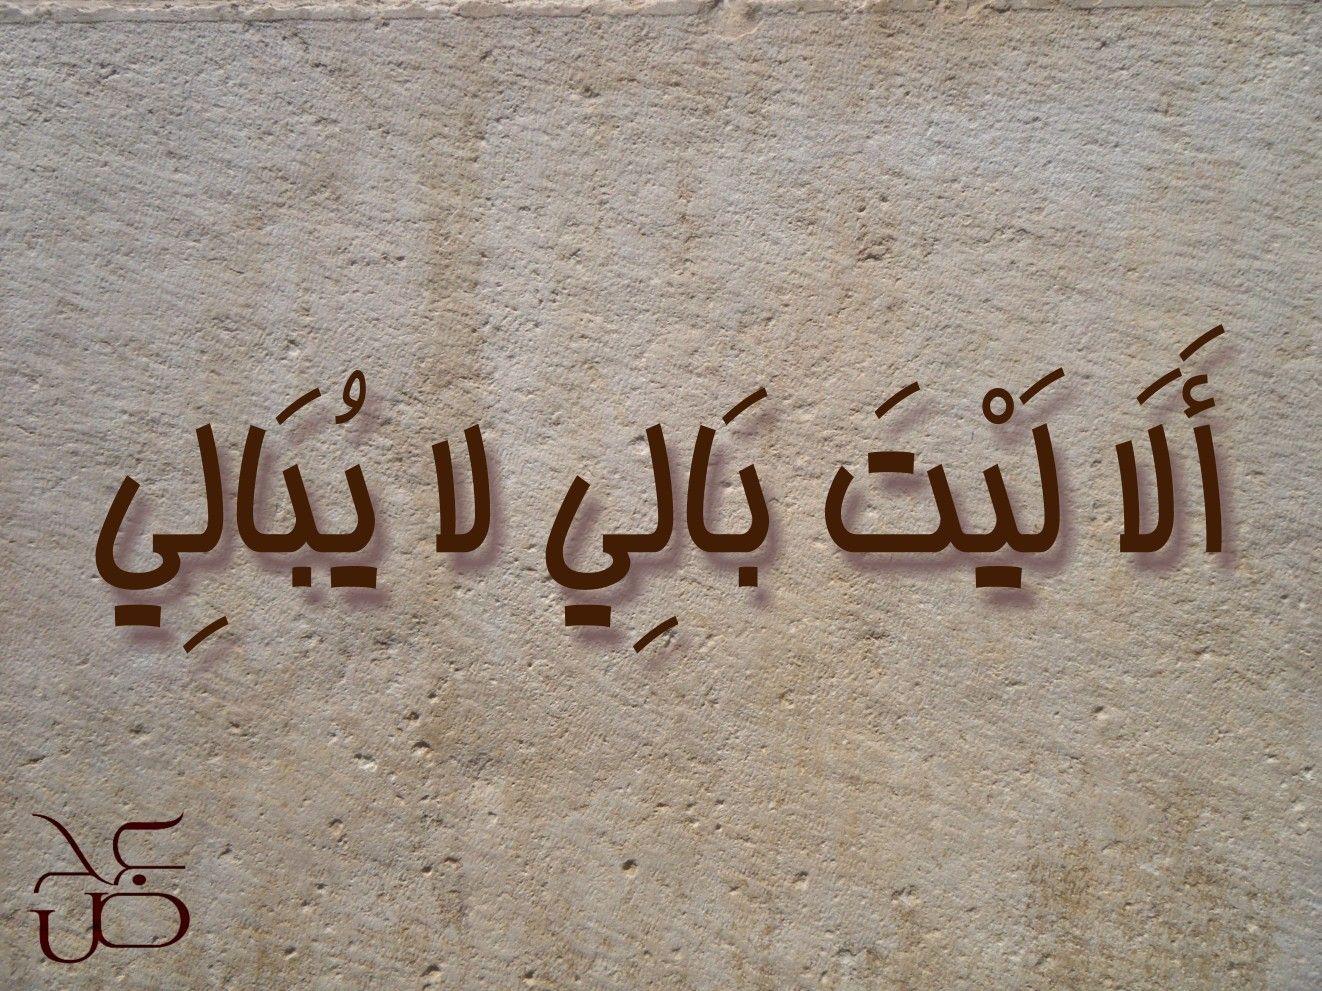 الا ليت بالي لا يبالي Bullet Journal Inspiration Inspiration Journal Inspiration